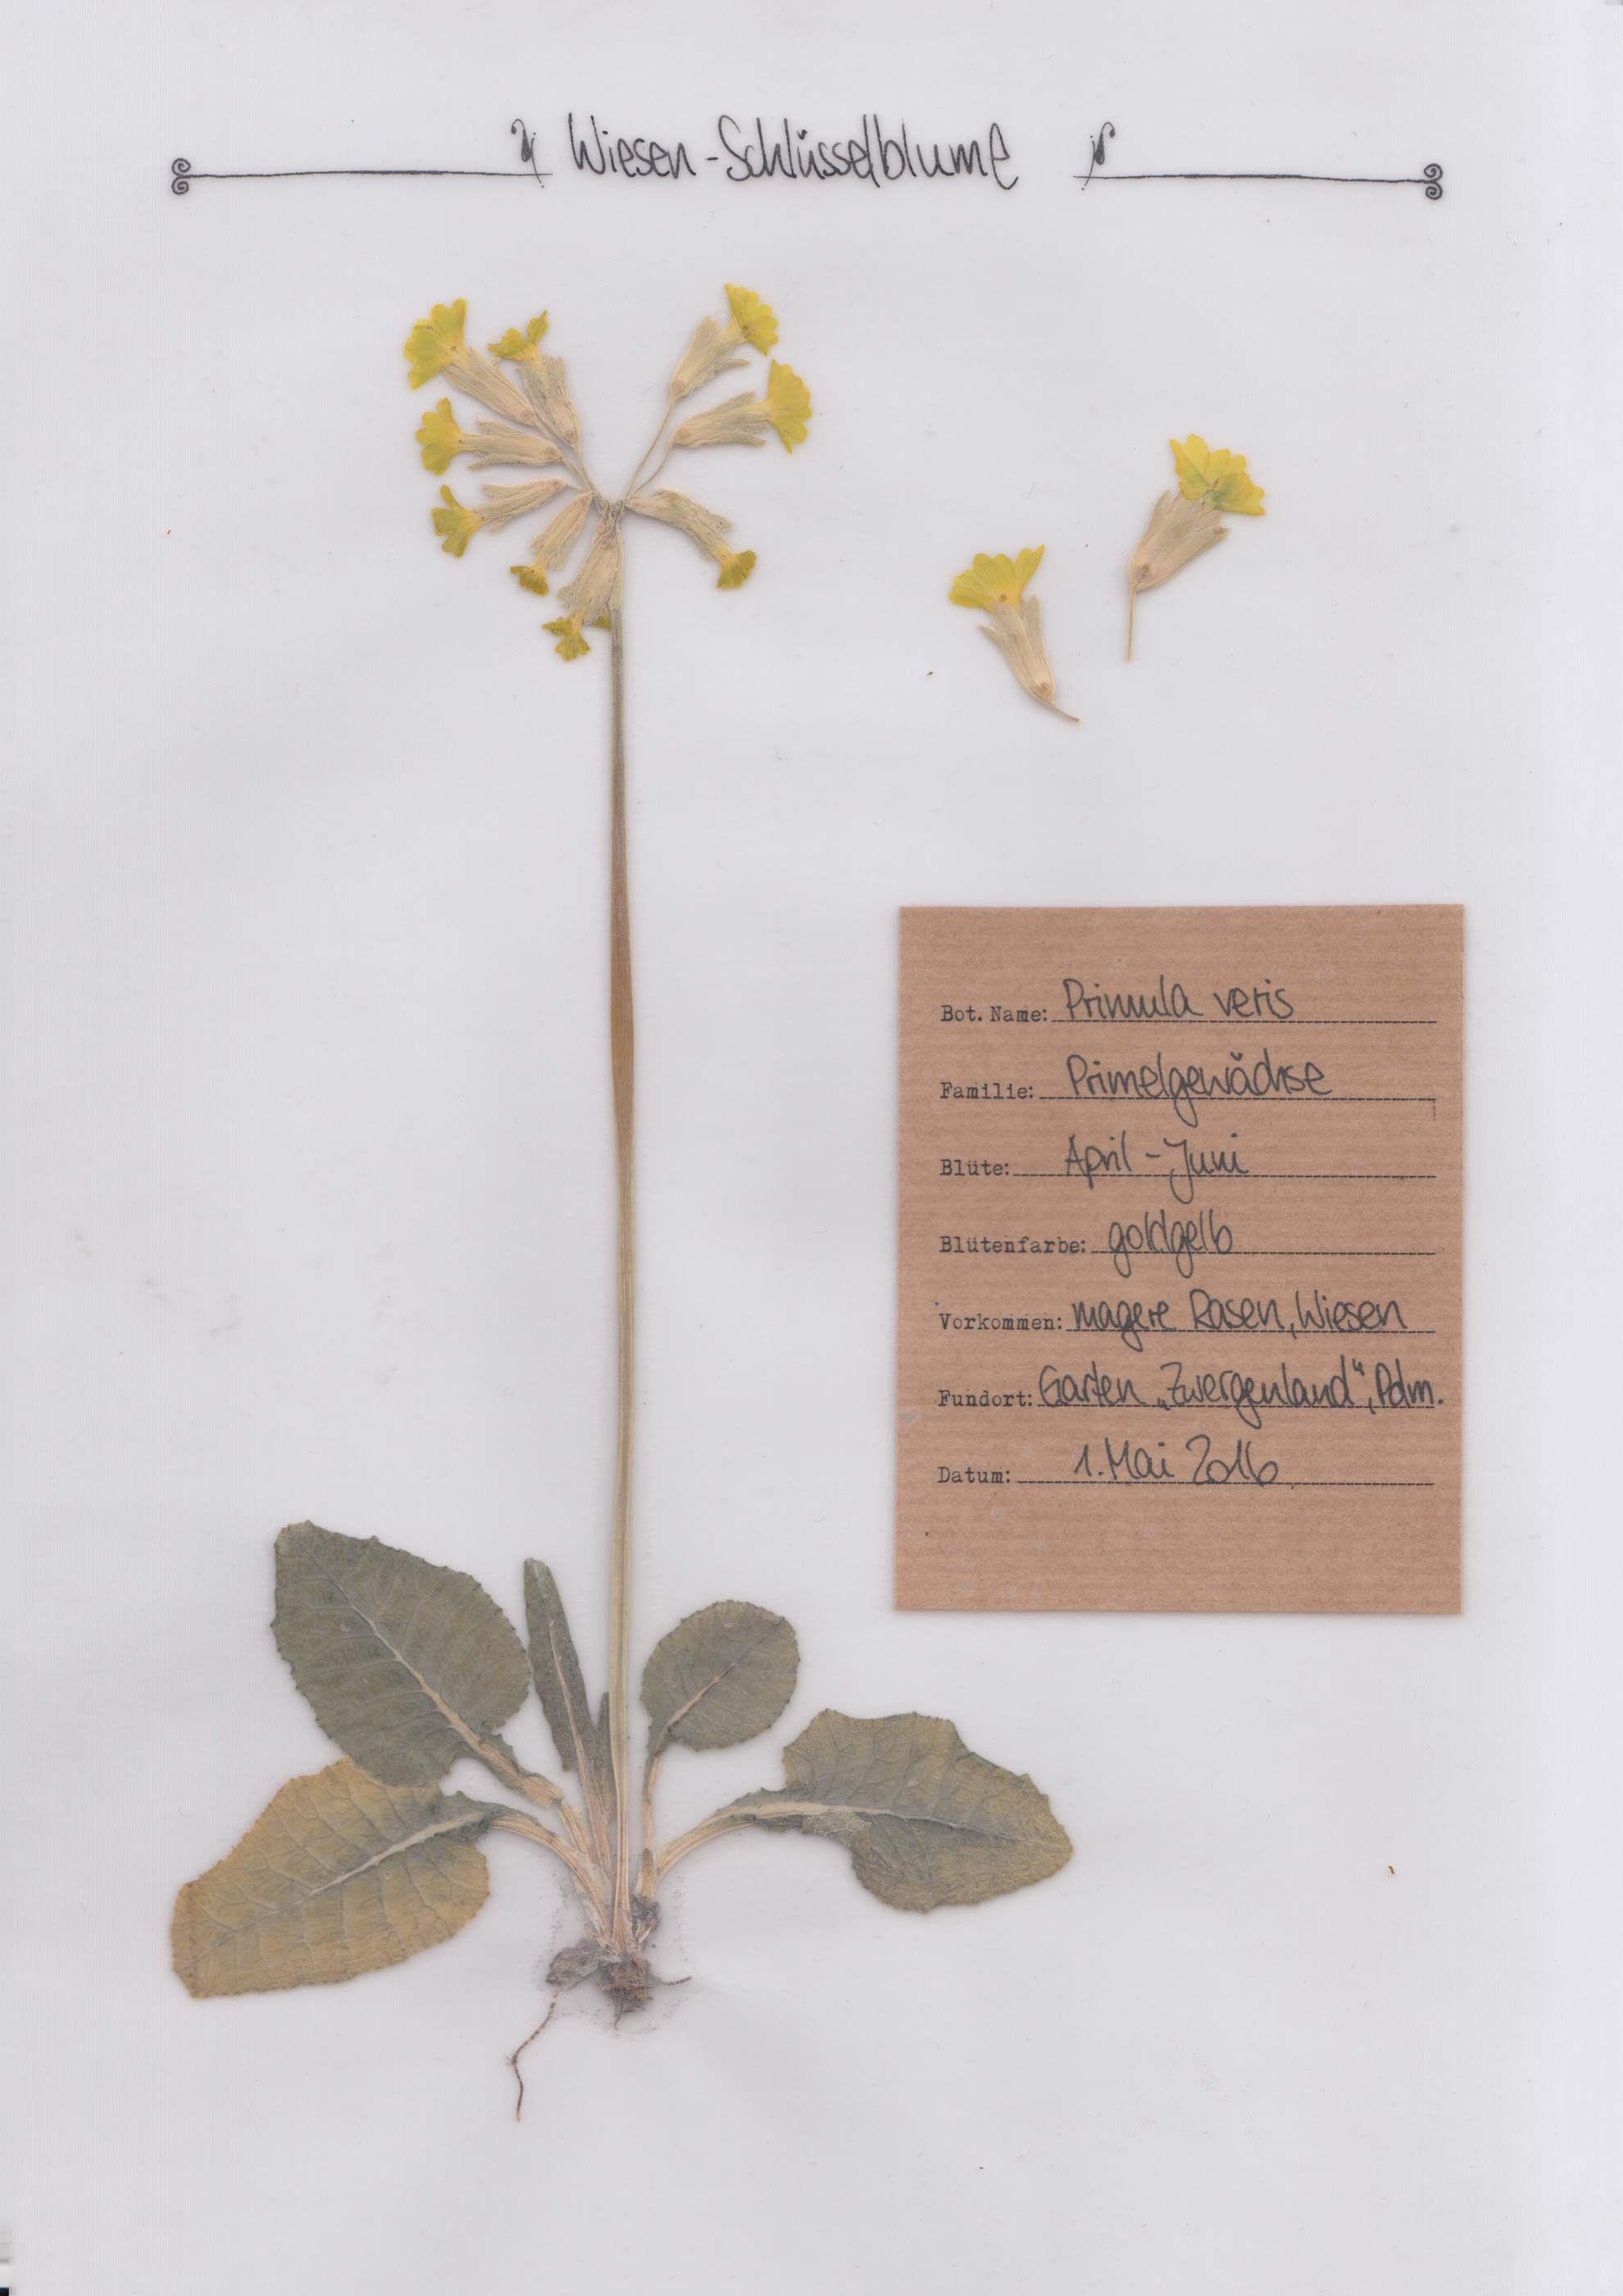 Deckblatt Schule Schule Dieses Herbarium 15